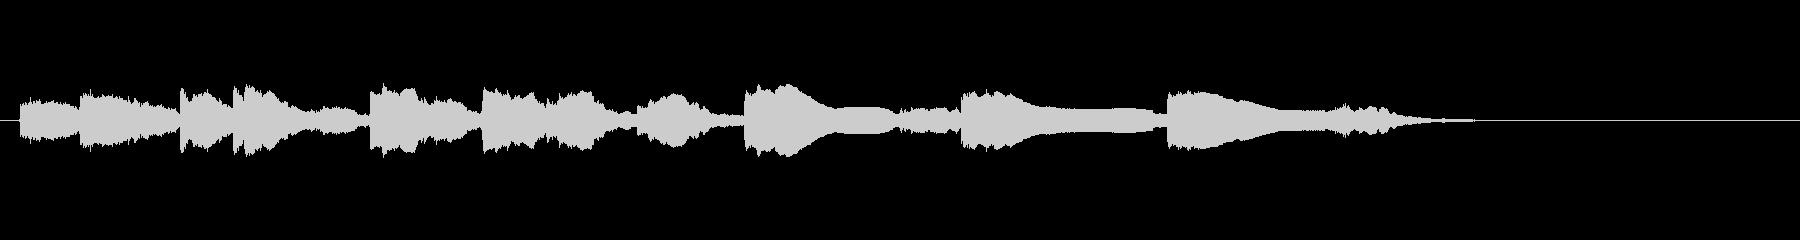 エレキギター2弦チューニング2リバーブの未再生の波形